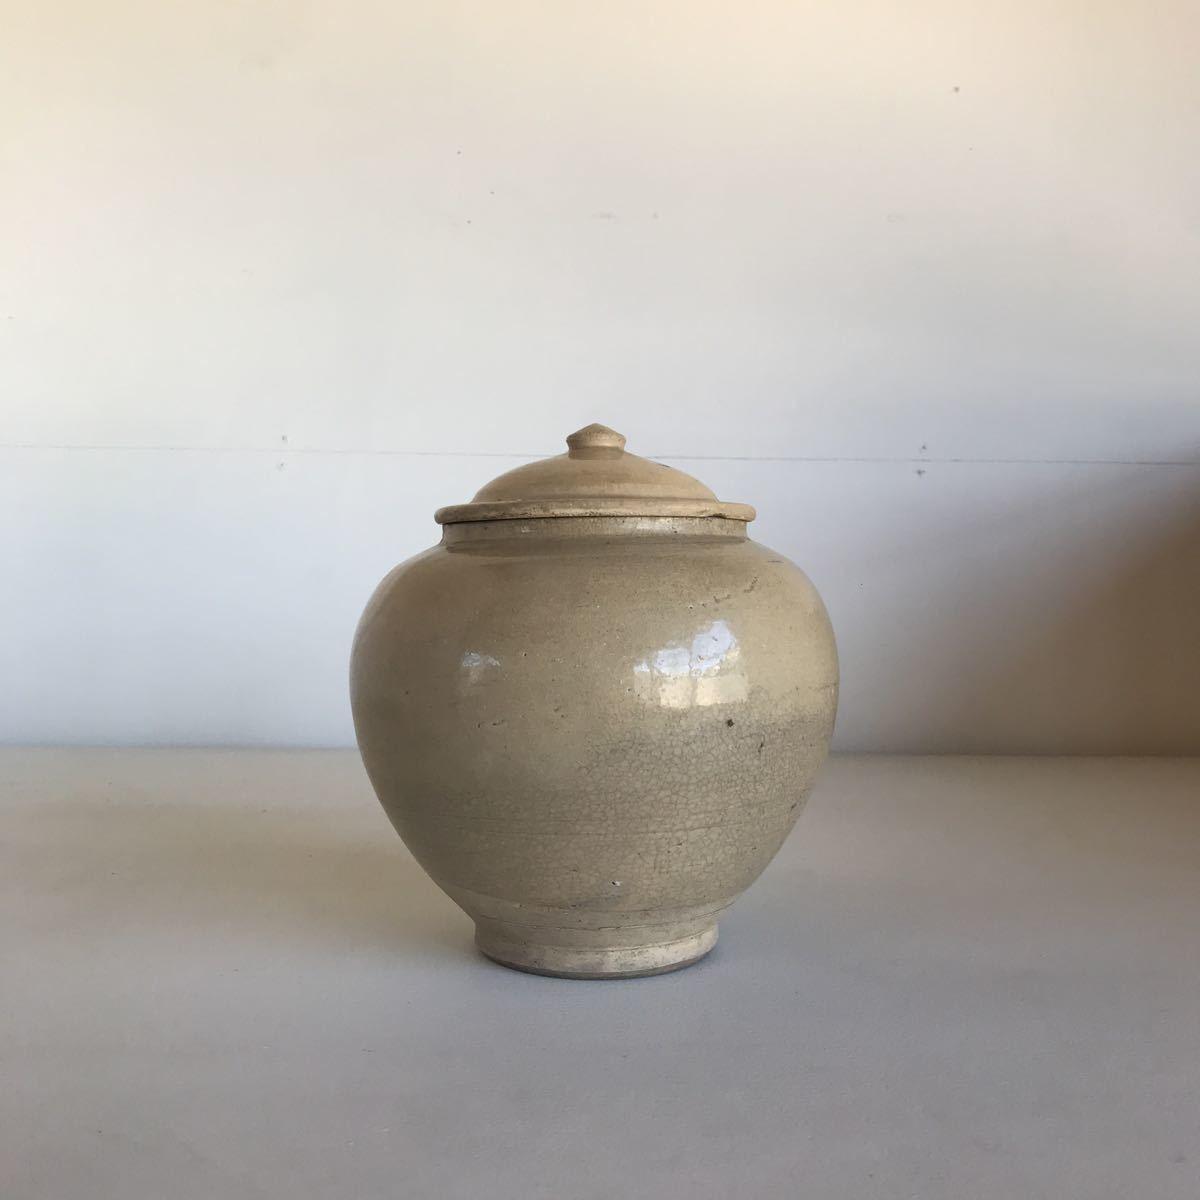 古い 壺 蓋付 瀬戸物 雨漏り手 陶器 アンティーク_画像7